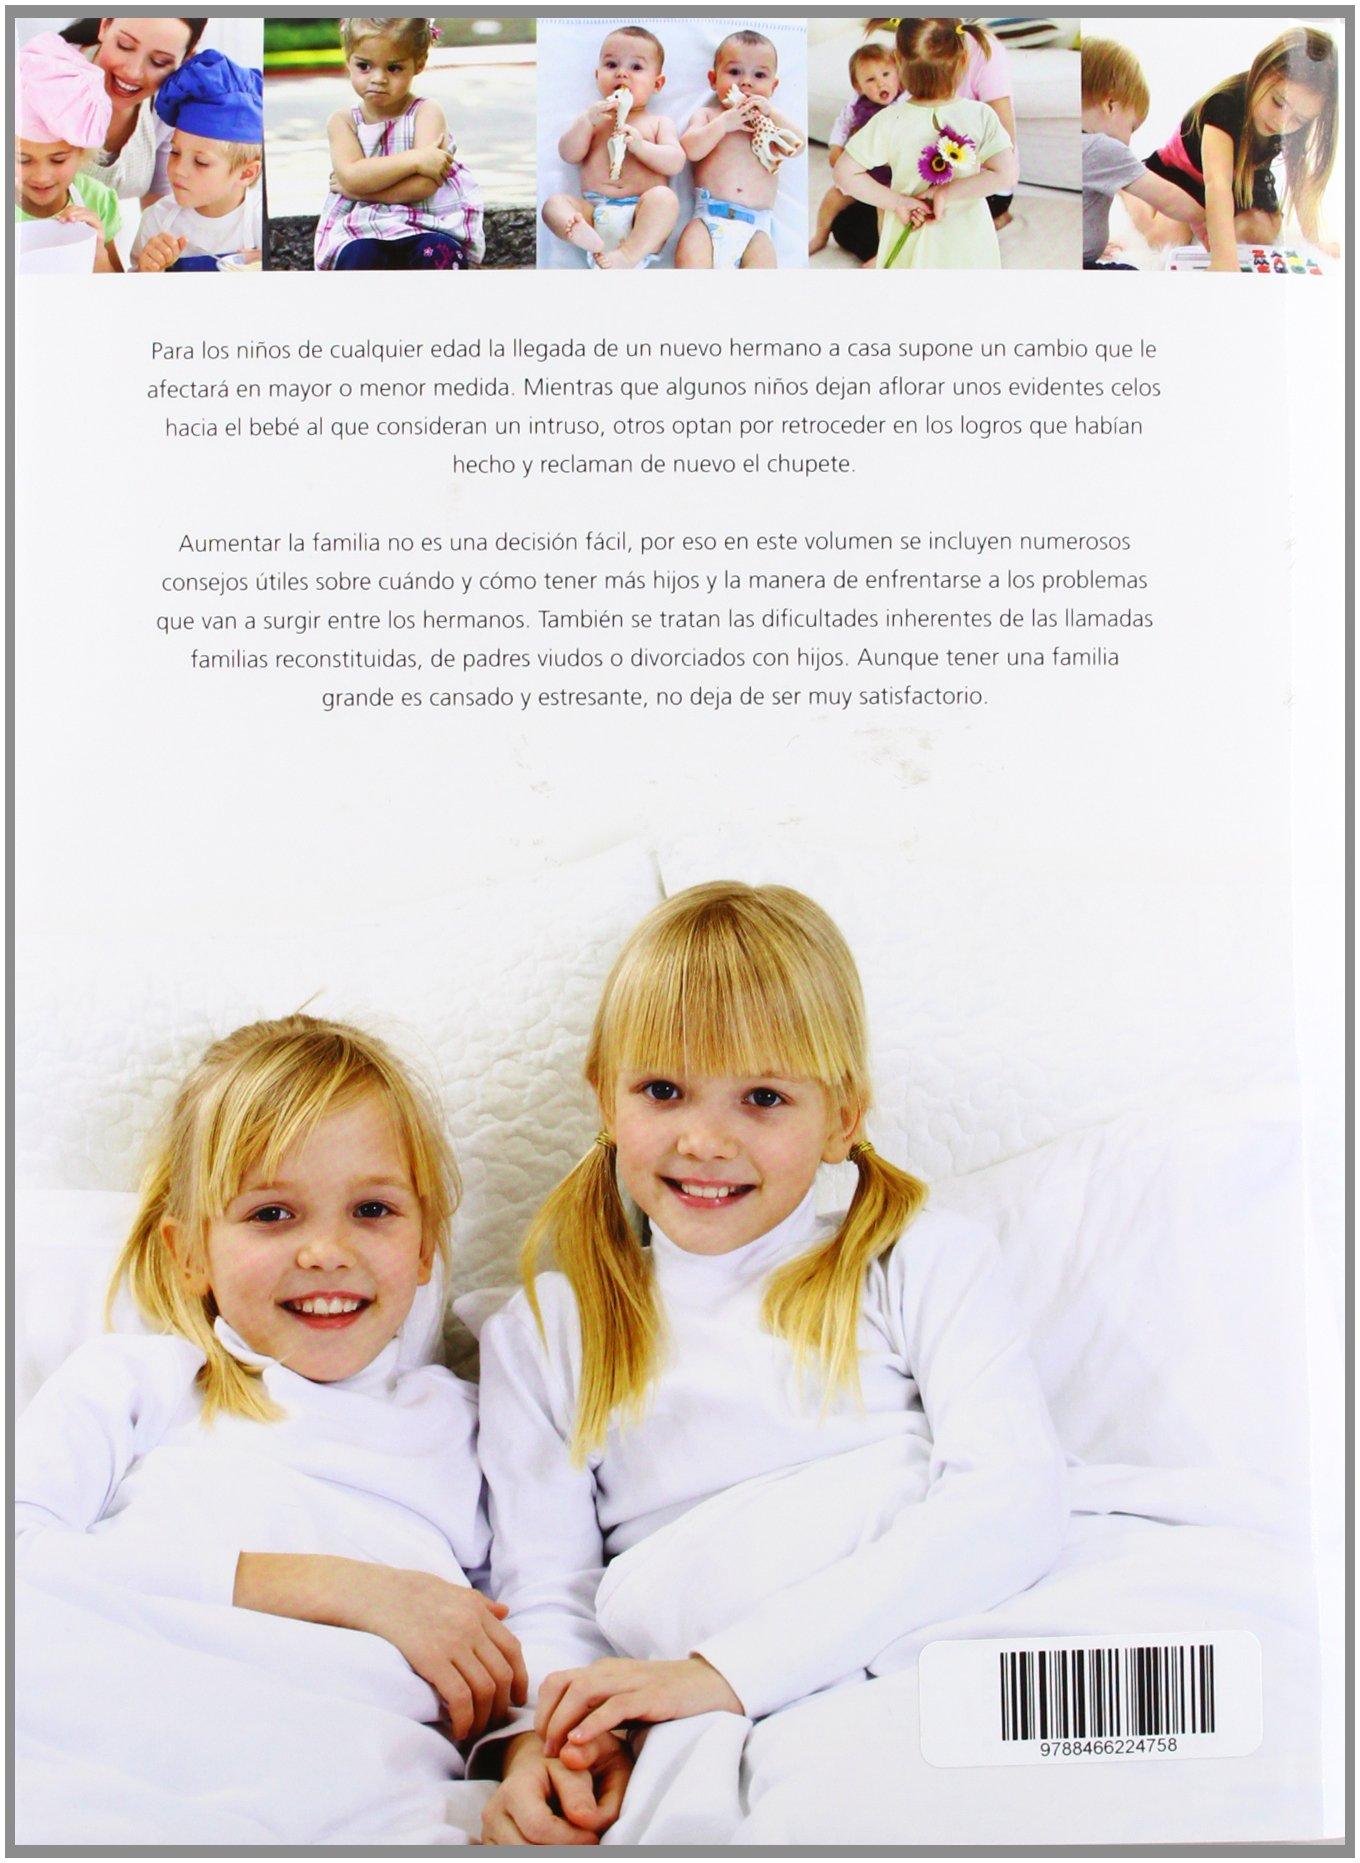 Segundo hijo & hermanos / Second Son and Brothers: Pautas y consejos ...